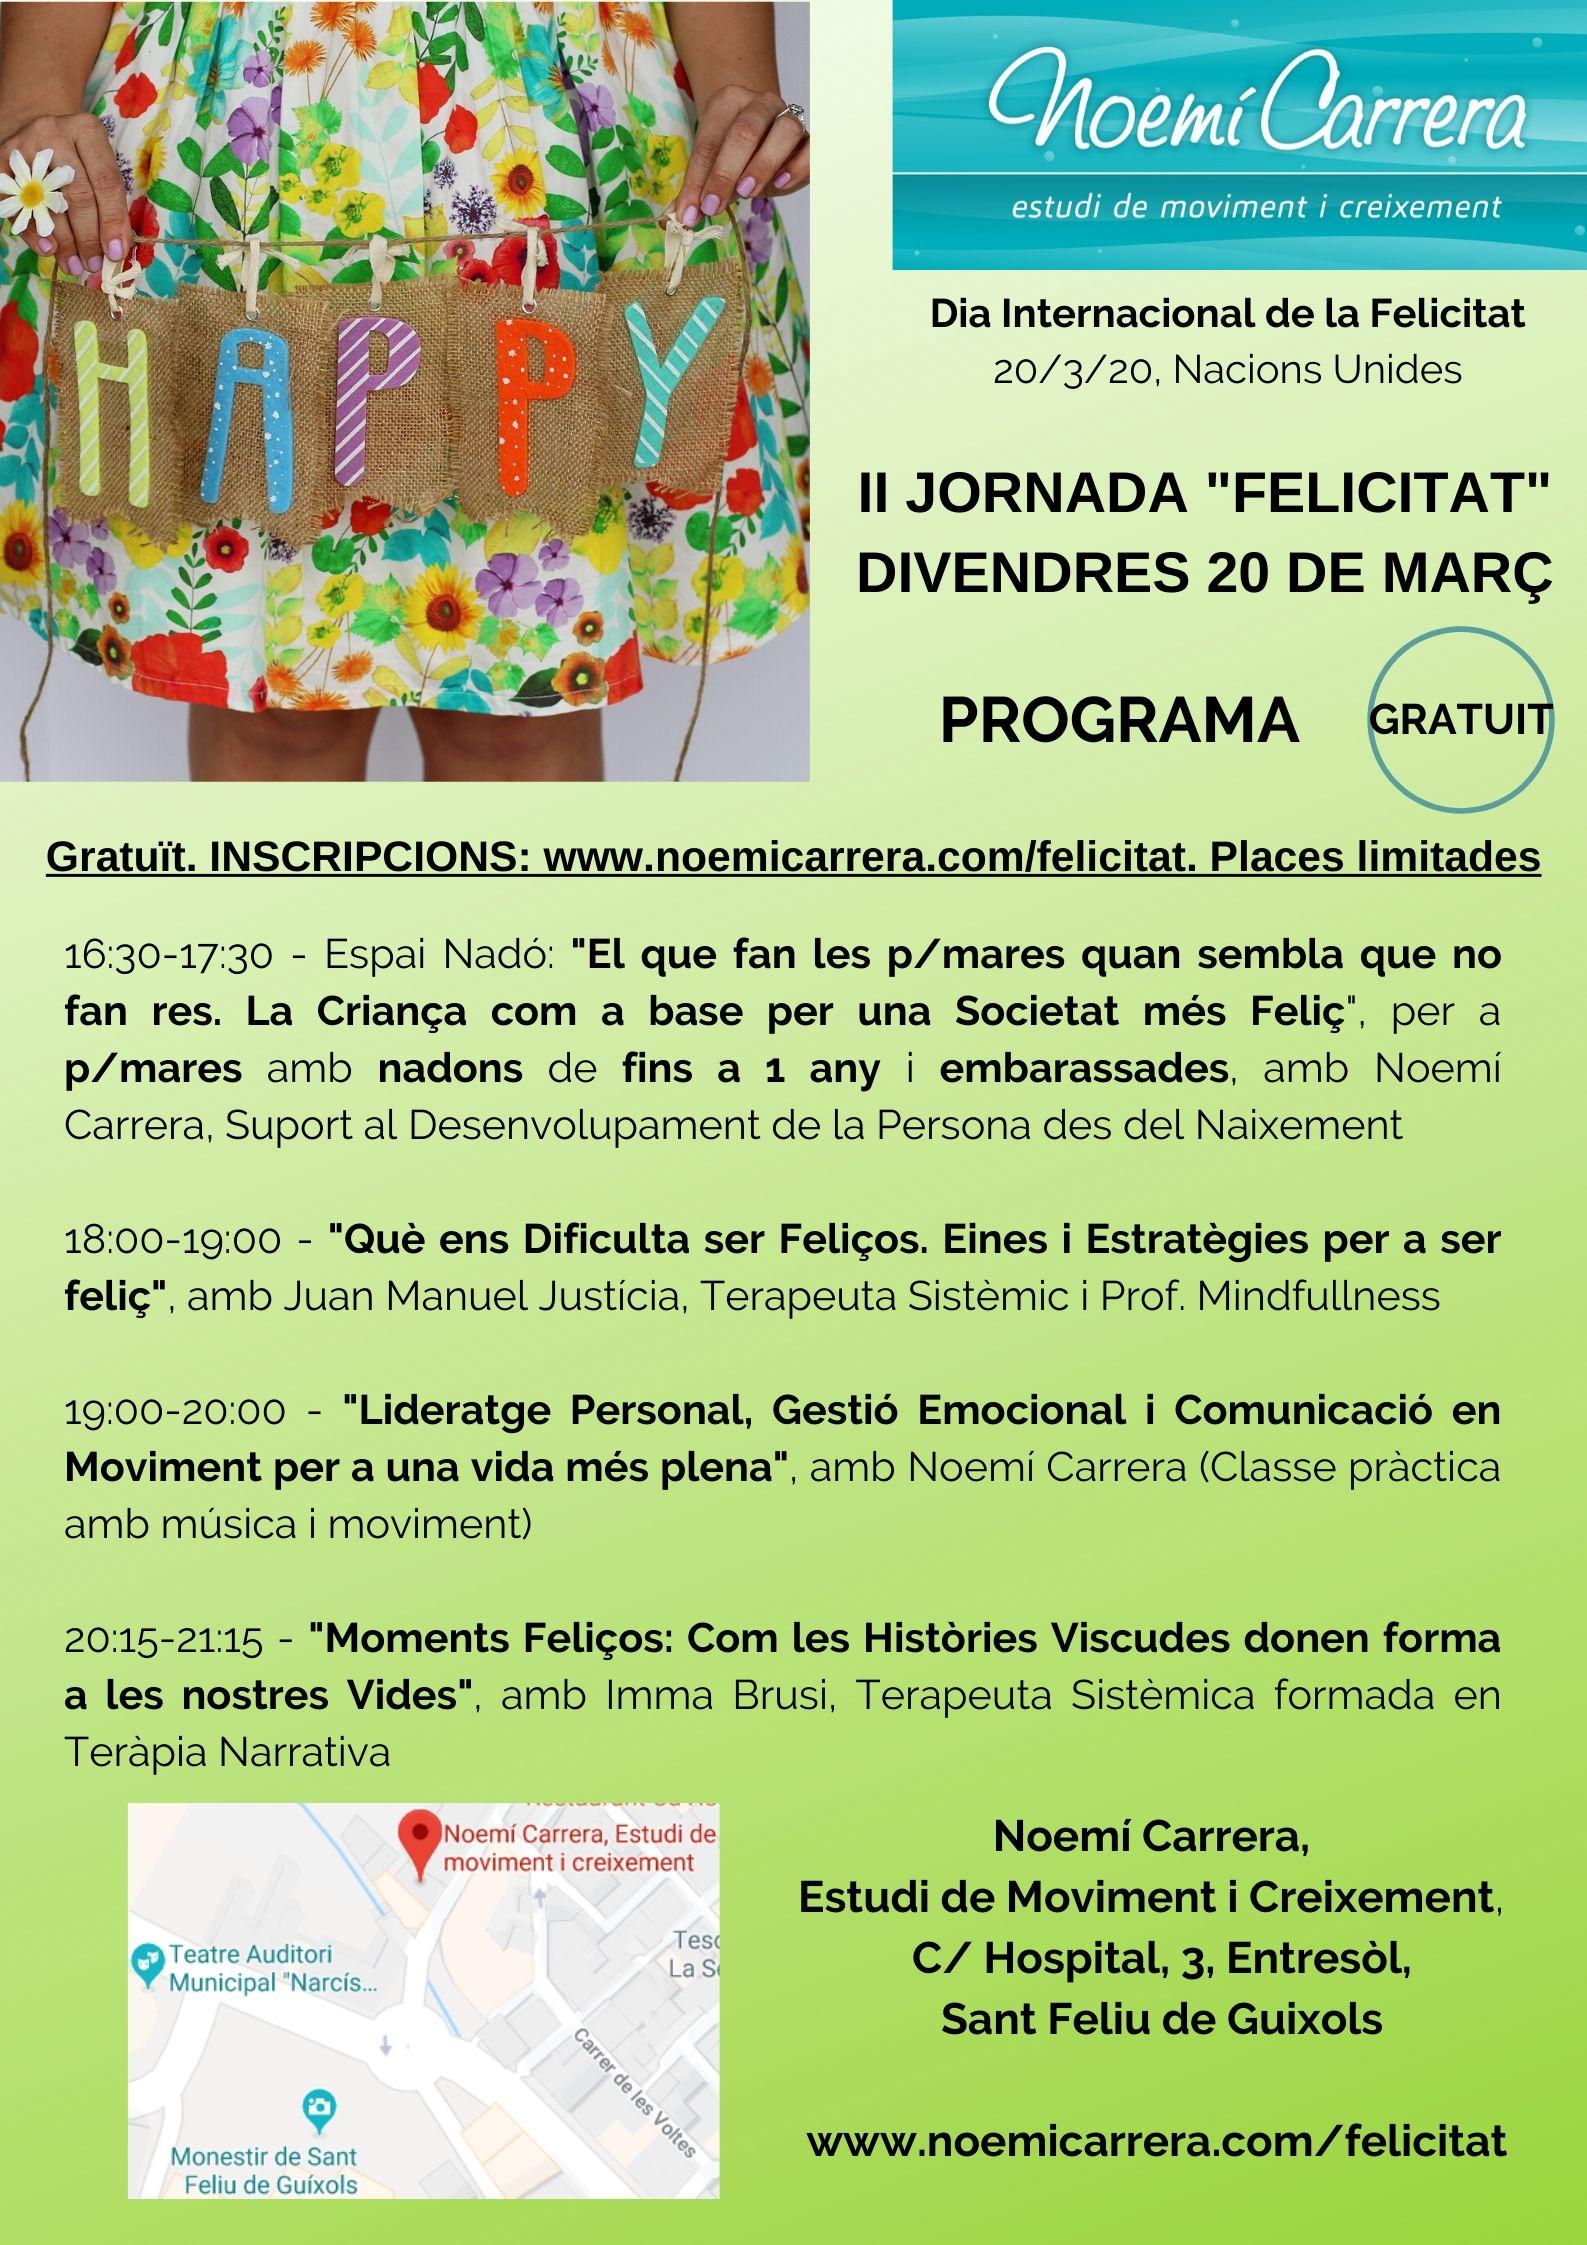 Jornada Felicitat_Noemí Carrera Estudi